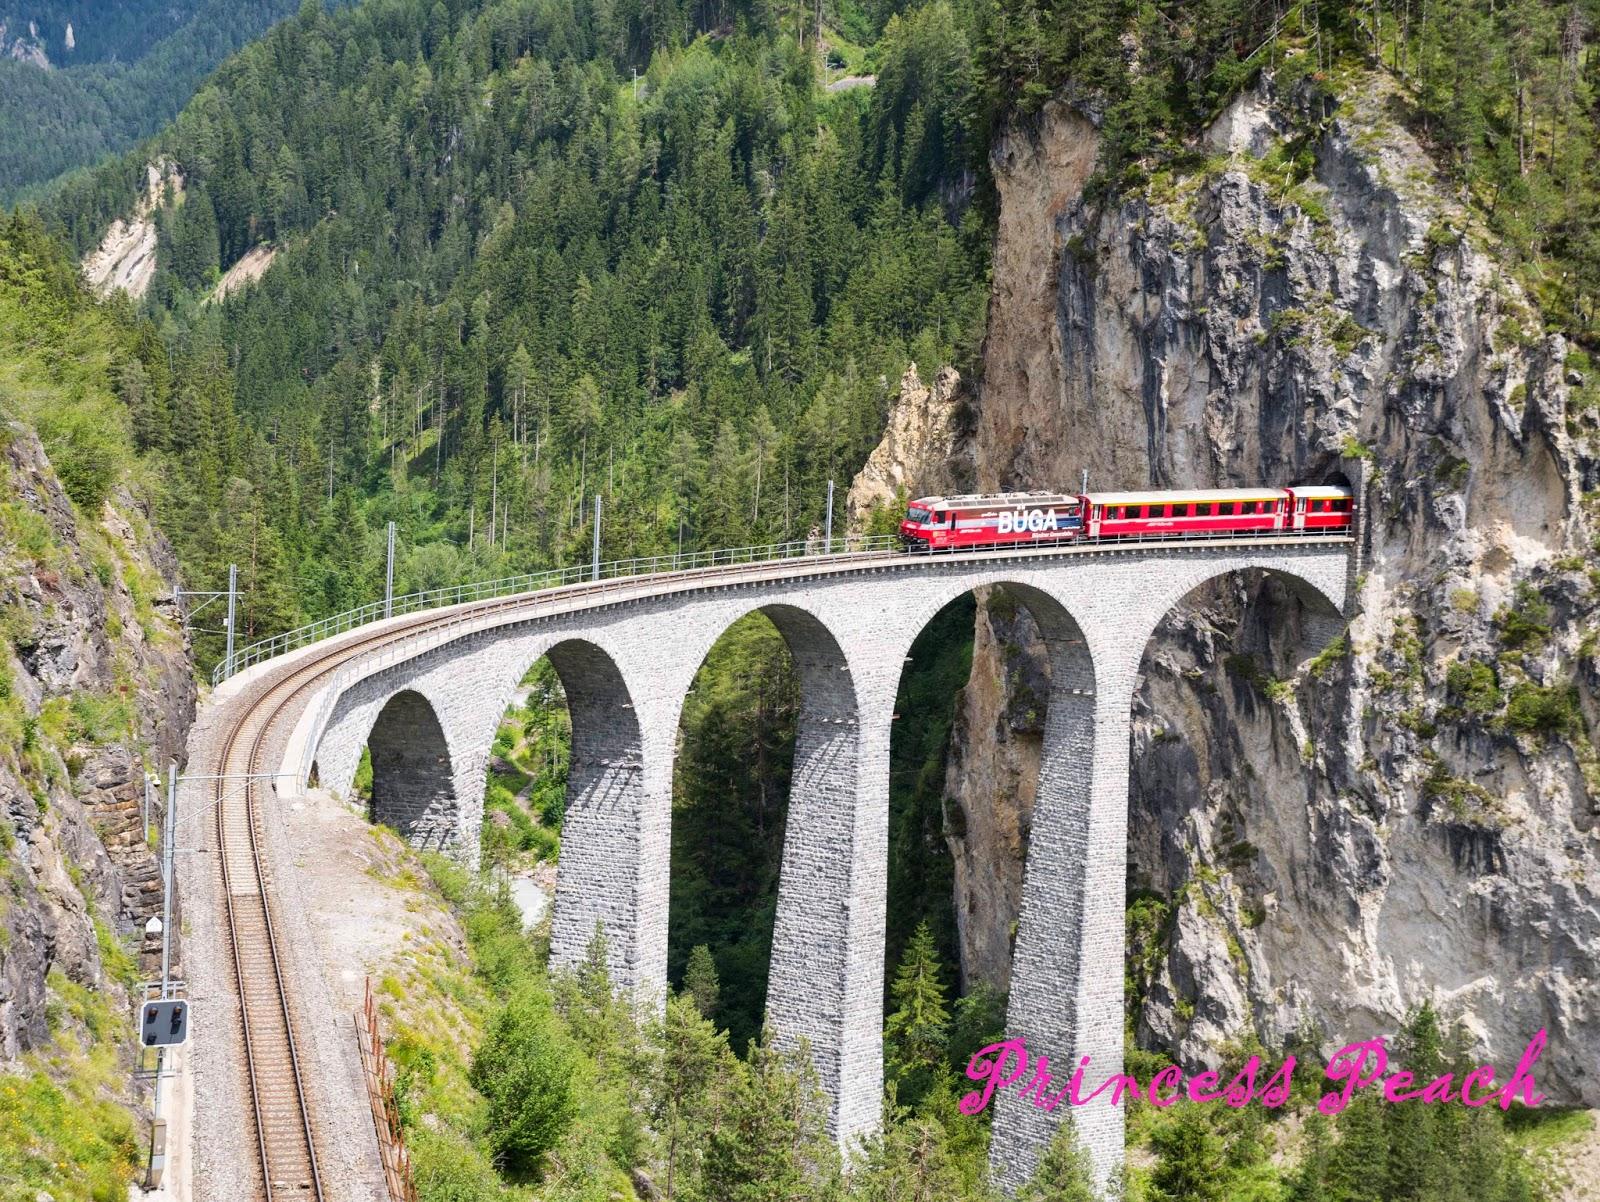 蘭德瓦沙拱橋-Landwasser-Viaduct